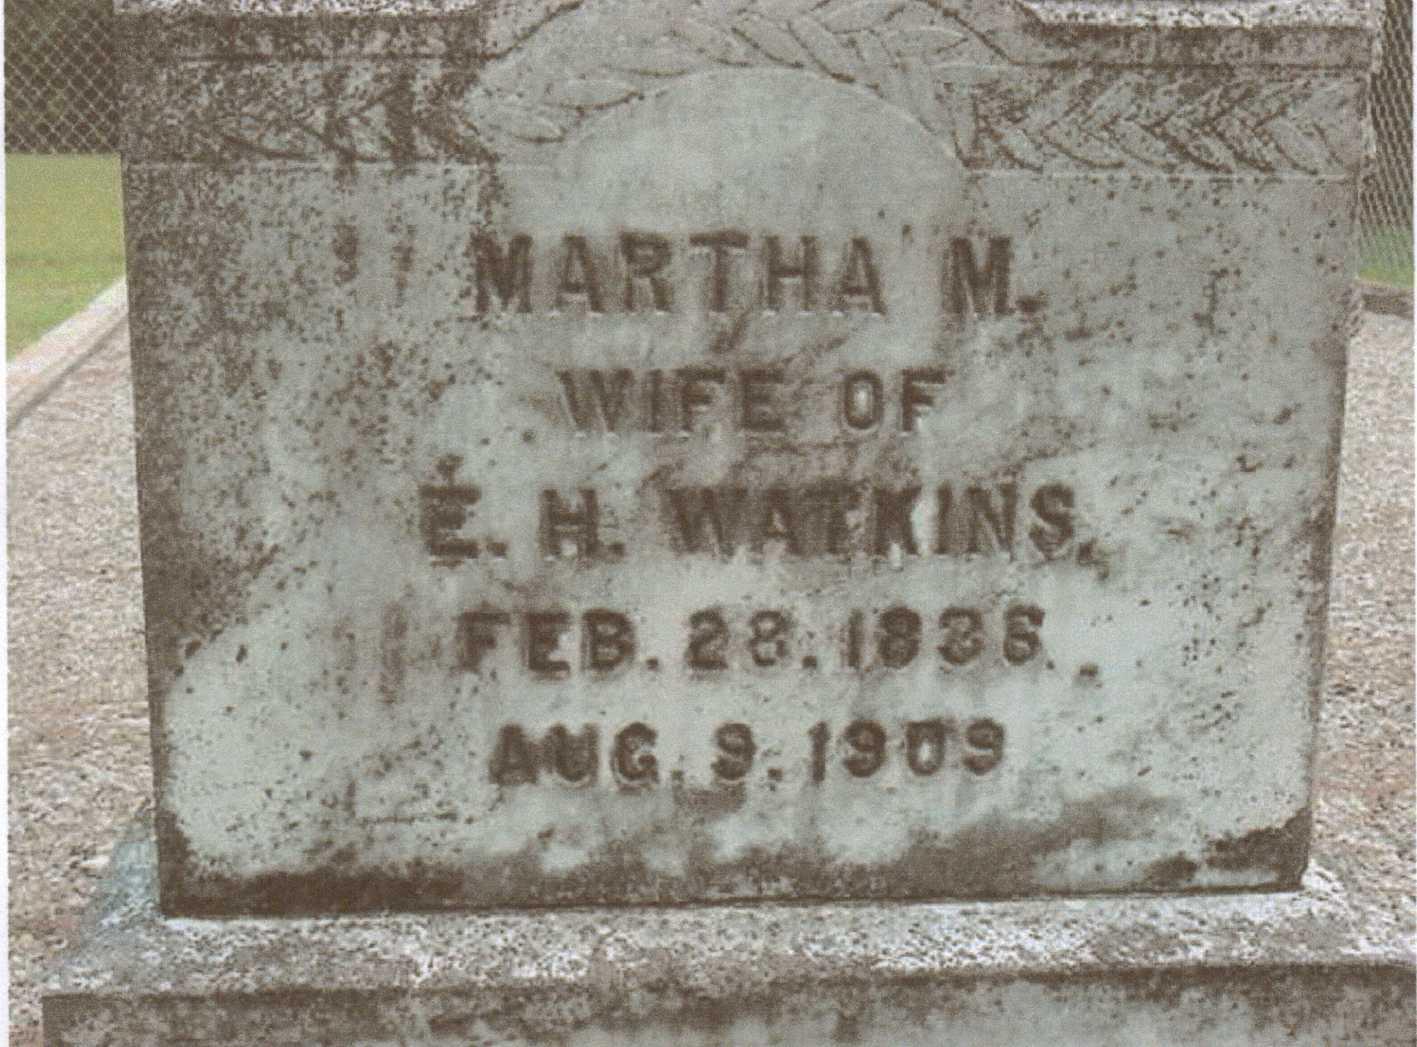 Martha Mary Smith